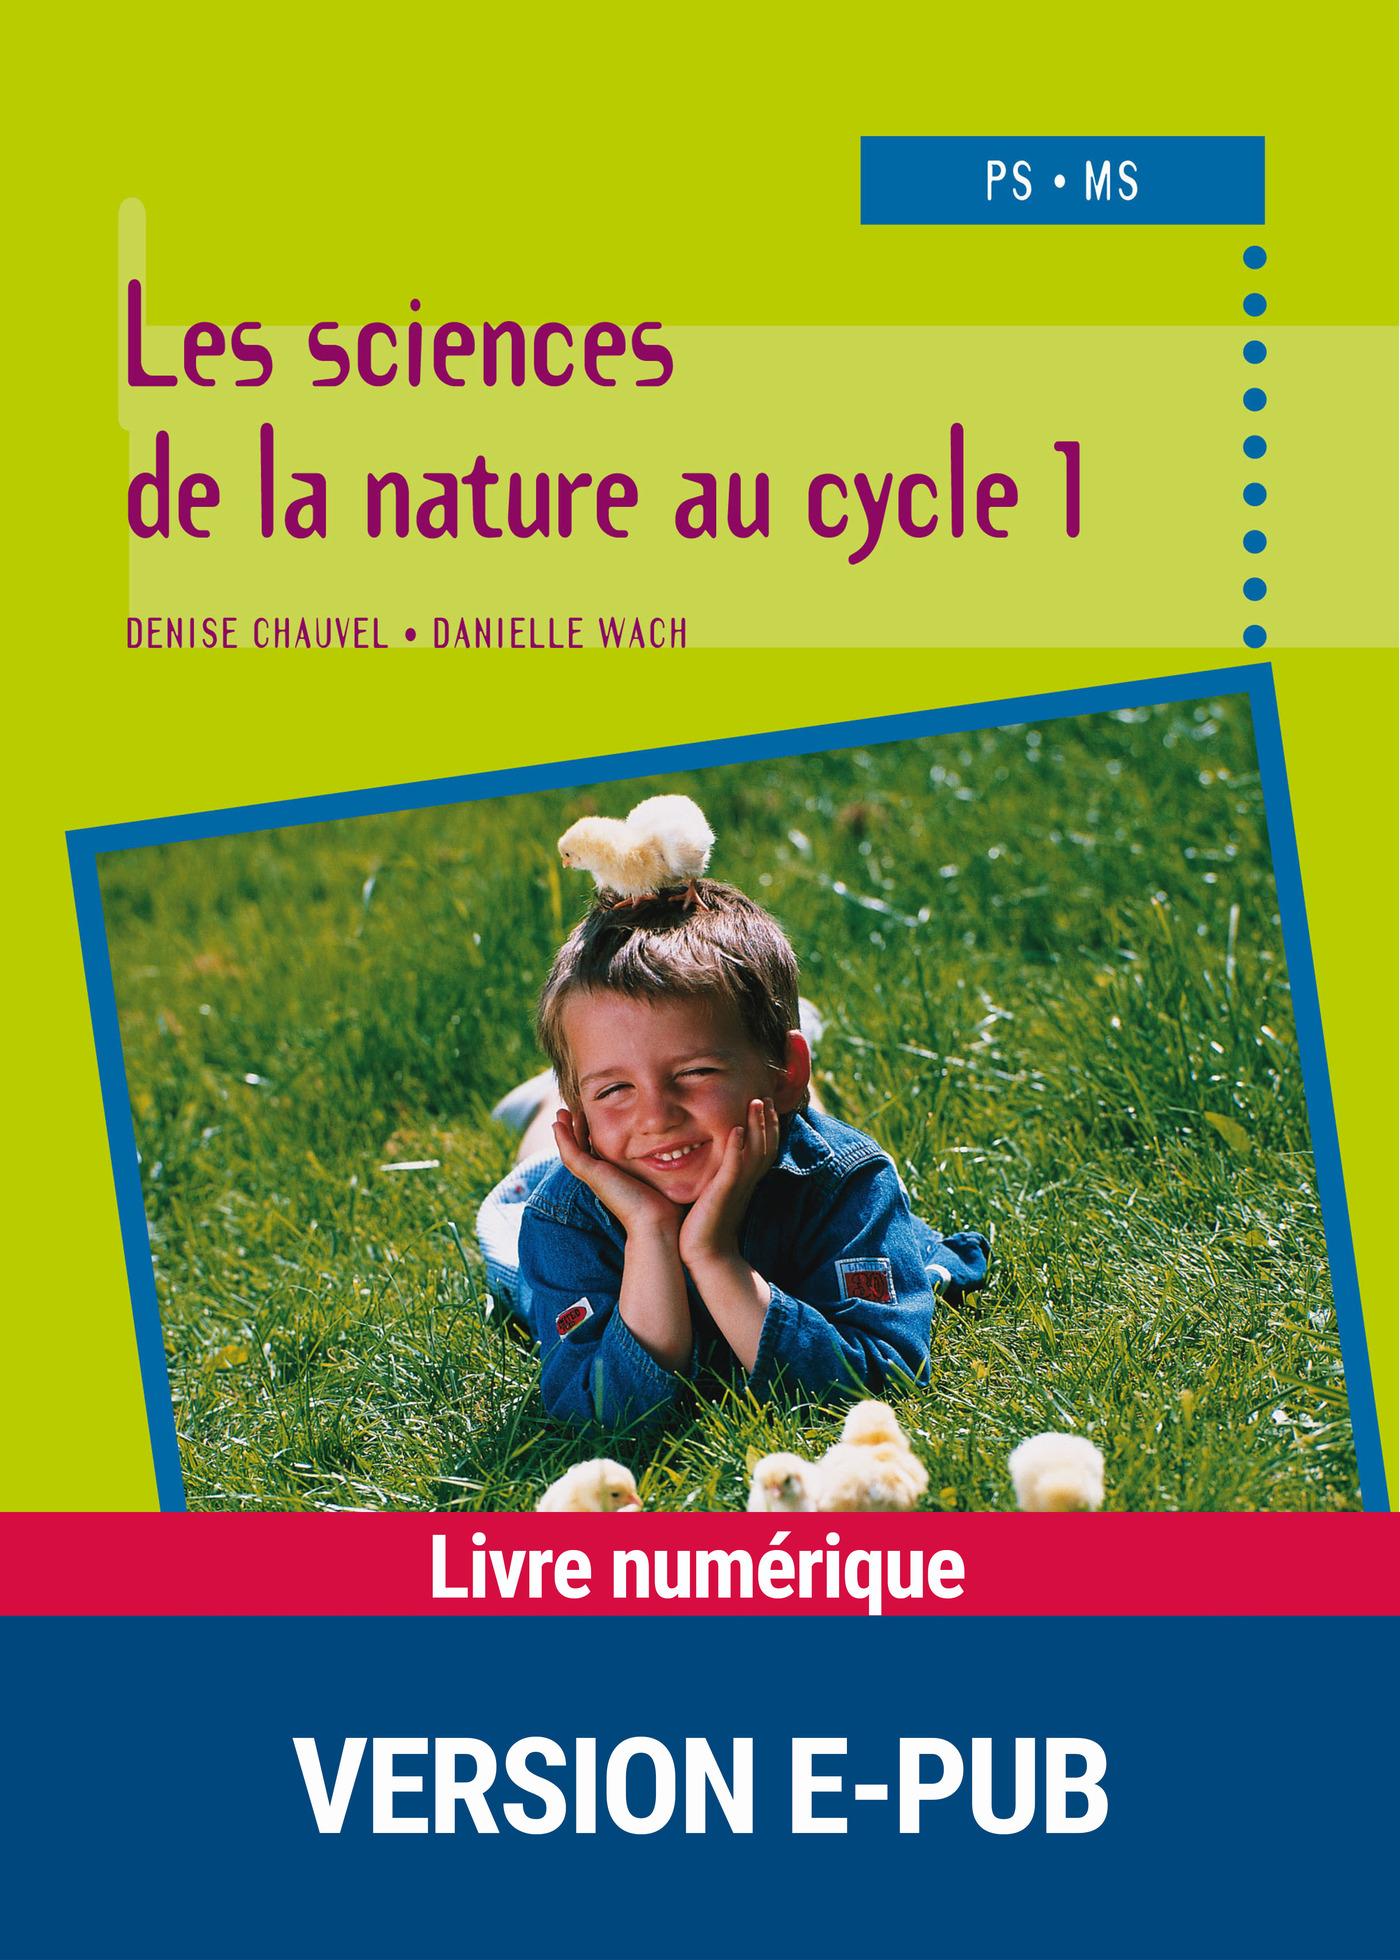 Les sciences de la nature au cycle 1 (ebook)